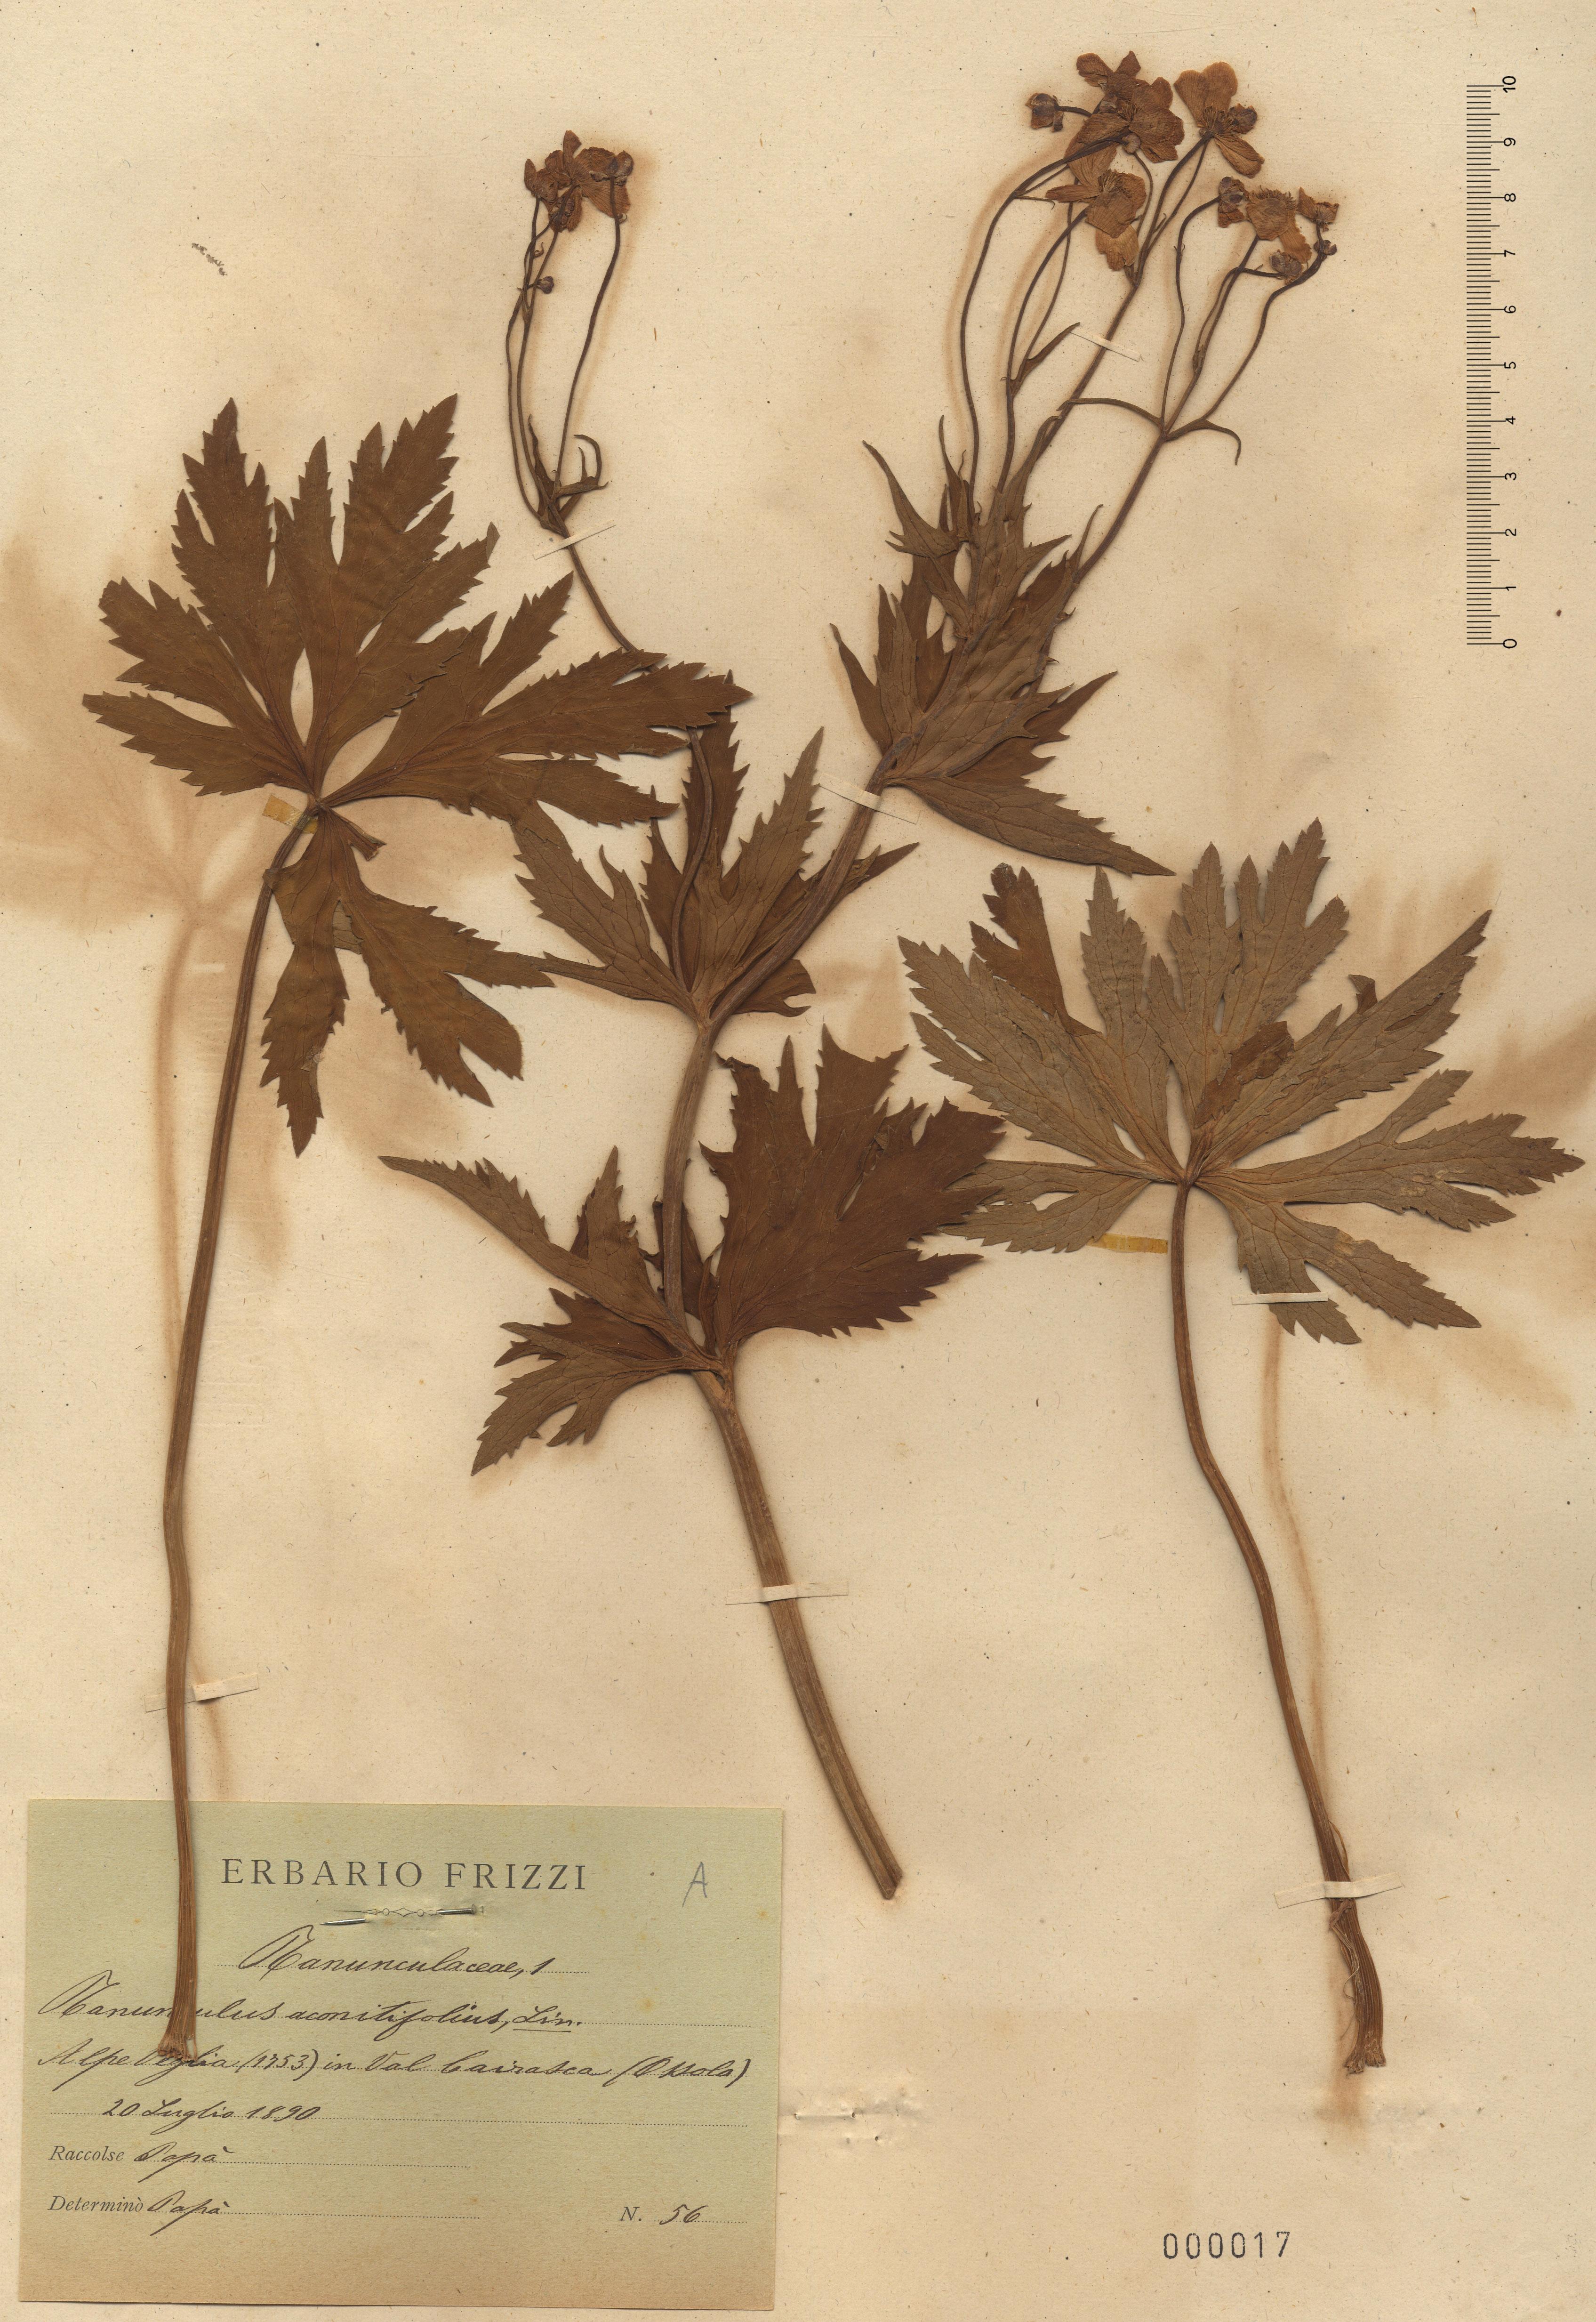 © Hortus Botanicus Catinensis - Herb. sheet 000017<br>